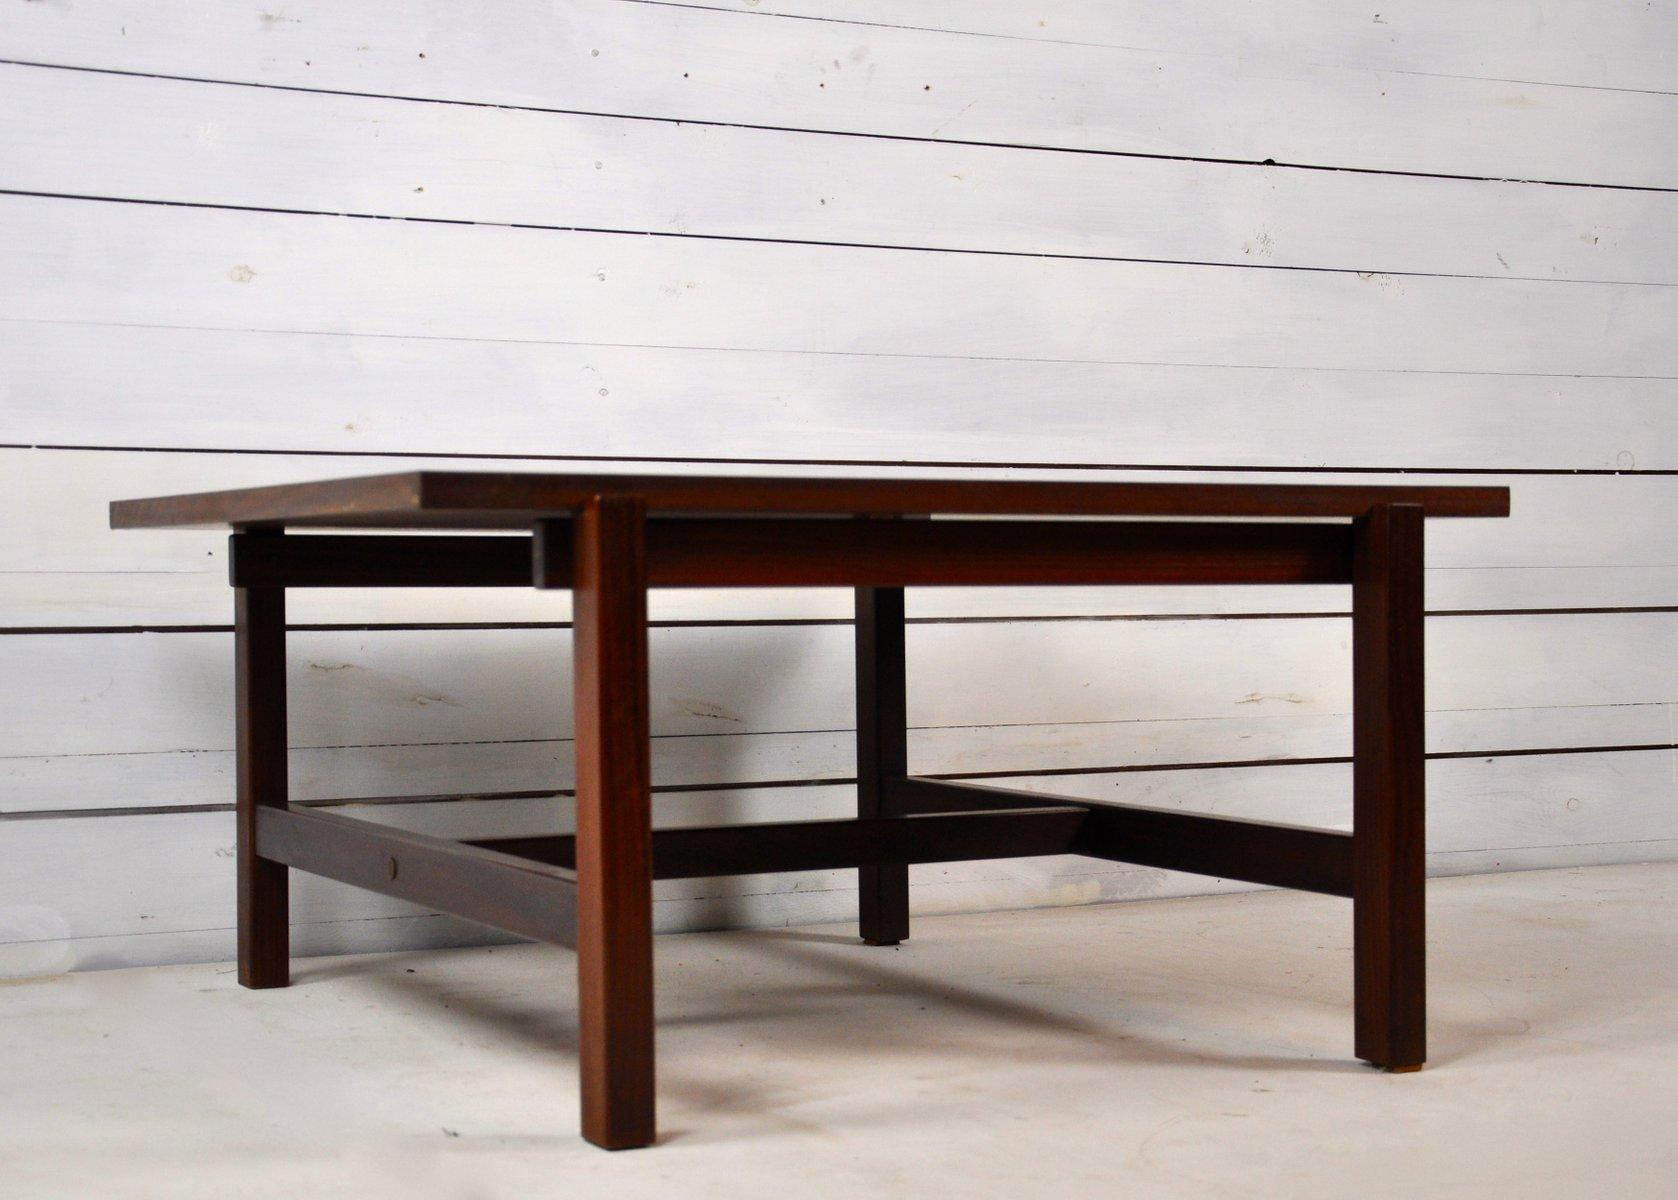 vintage teak resopal couchtisch mit drehbarer platte von pastoe bei pamono kaufen. Black Bedroom Furniture Sets. Home Design Ideas